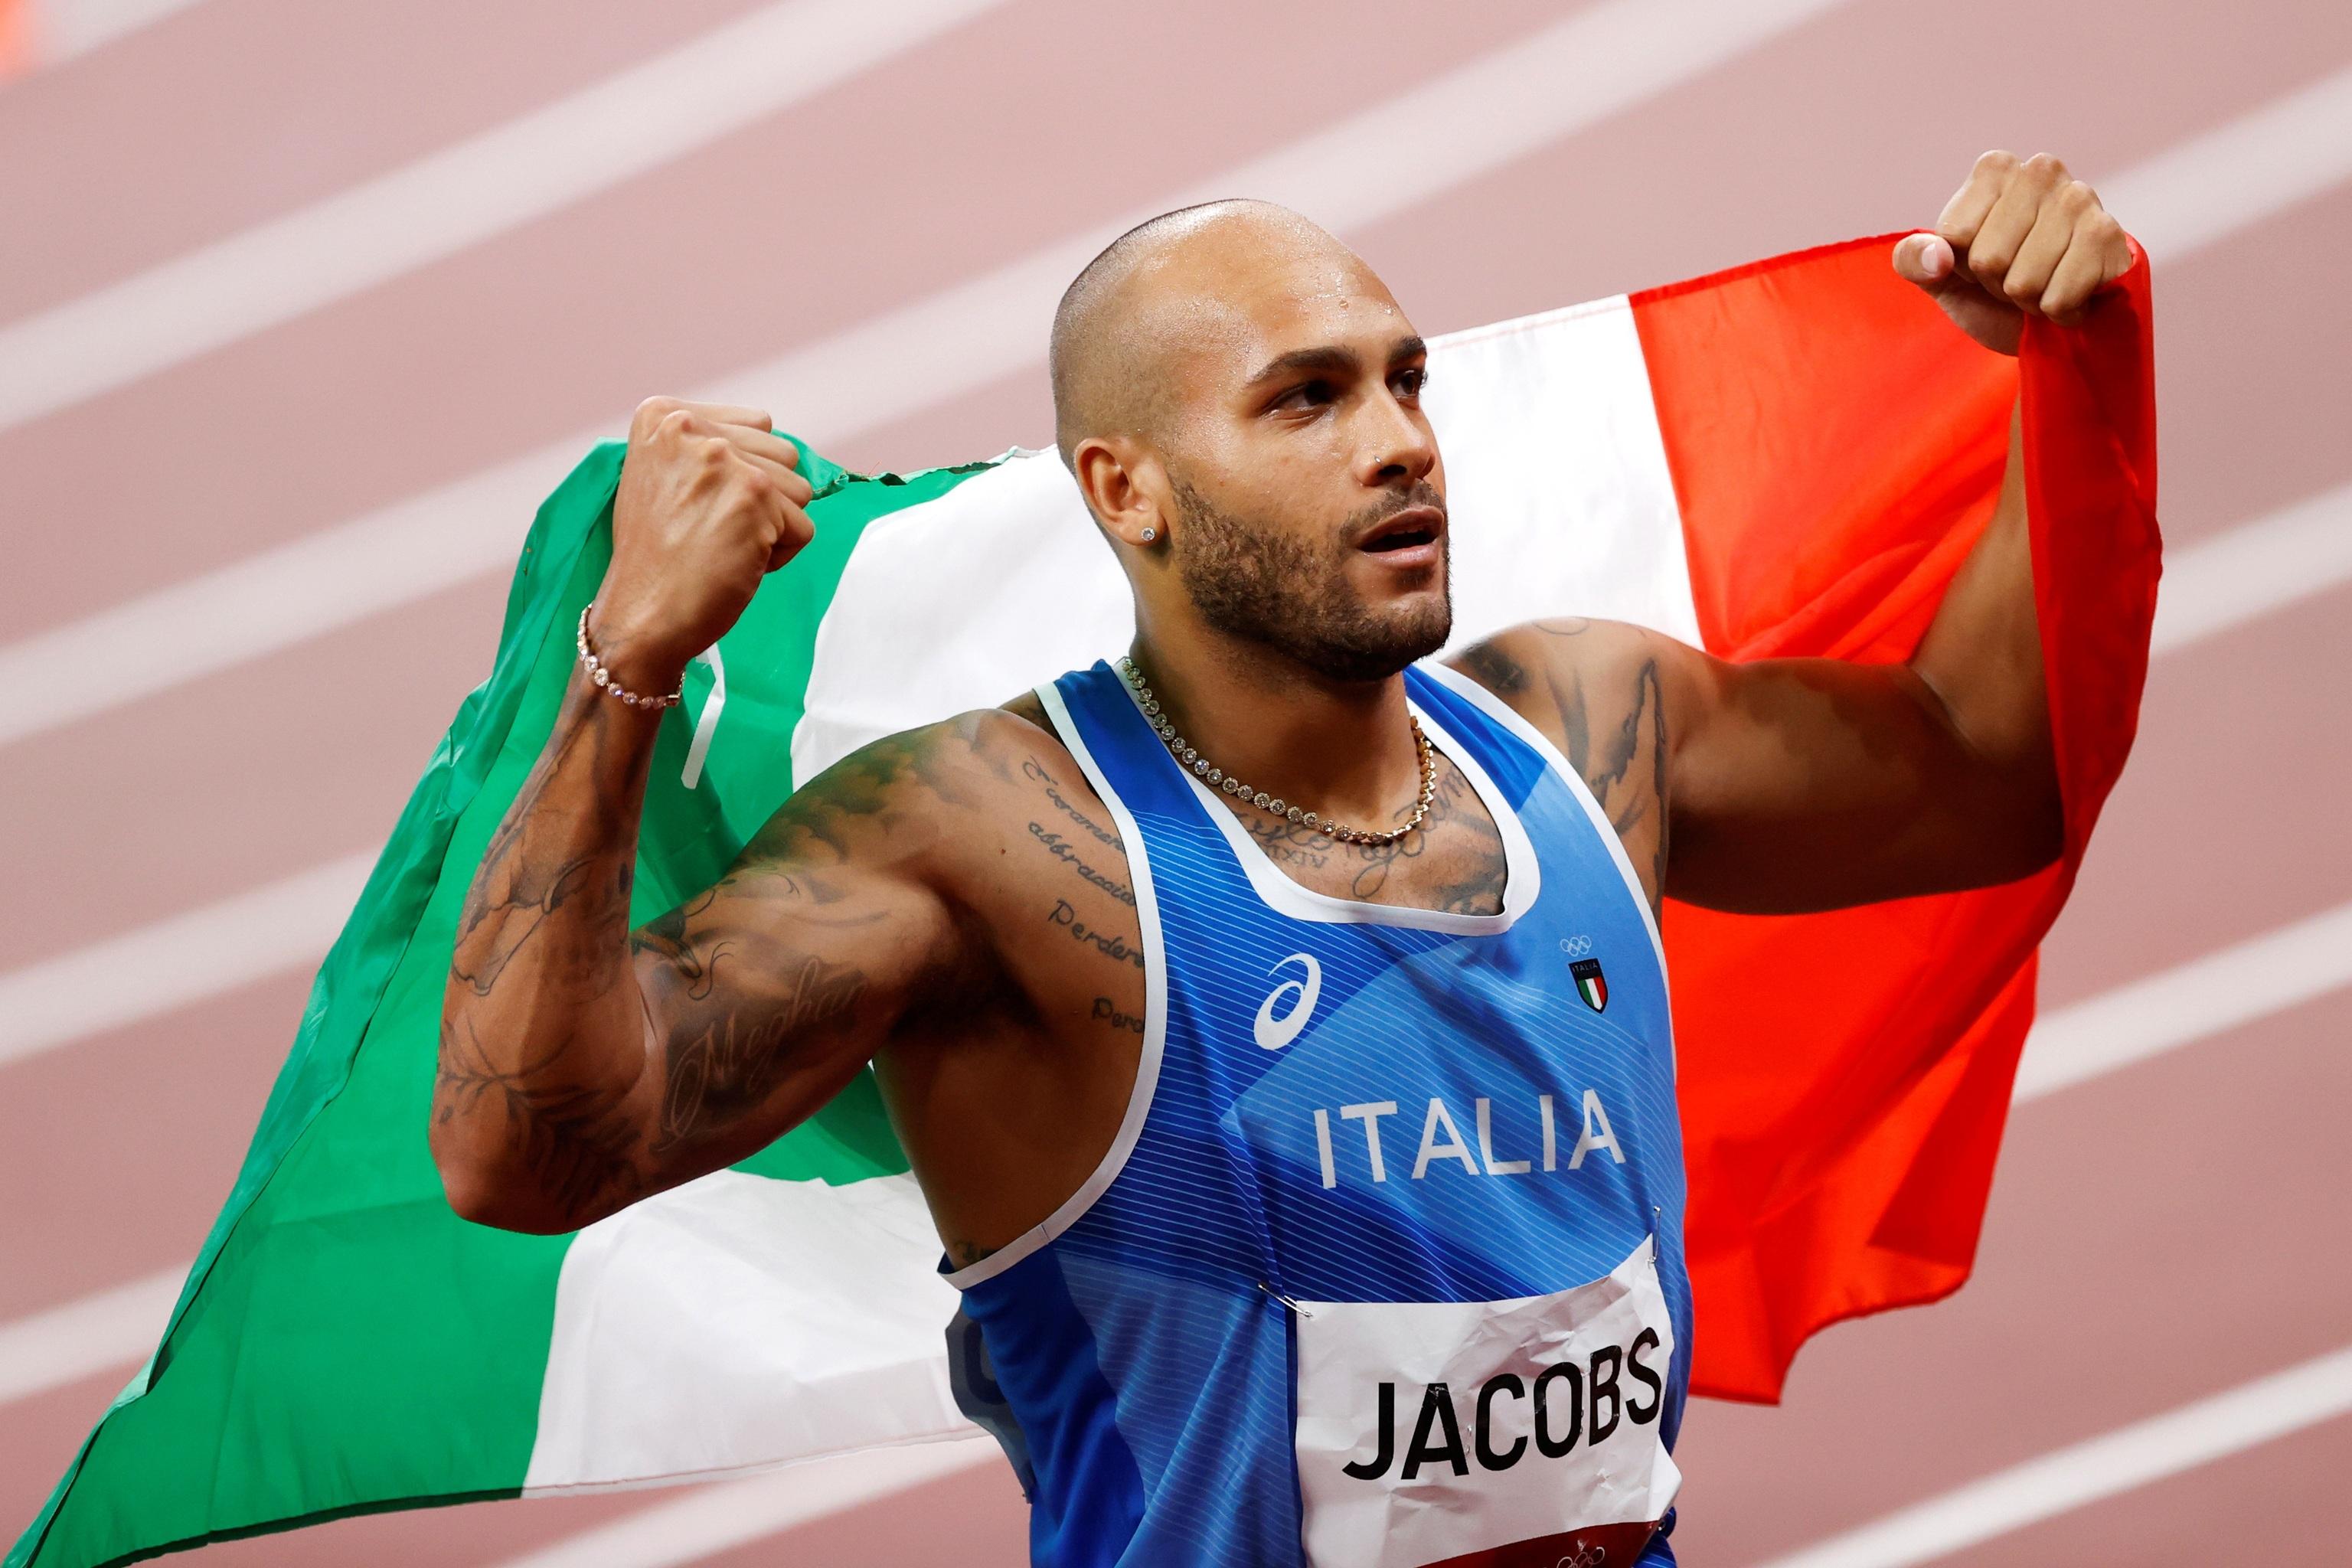 Jacobs exhibe poderío tras ganar la primera medalla en los 100 m. para Italia.